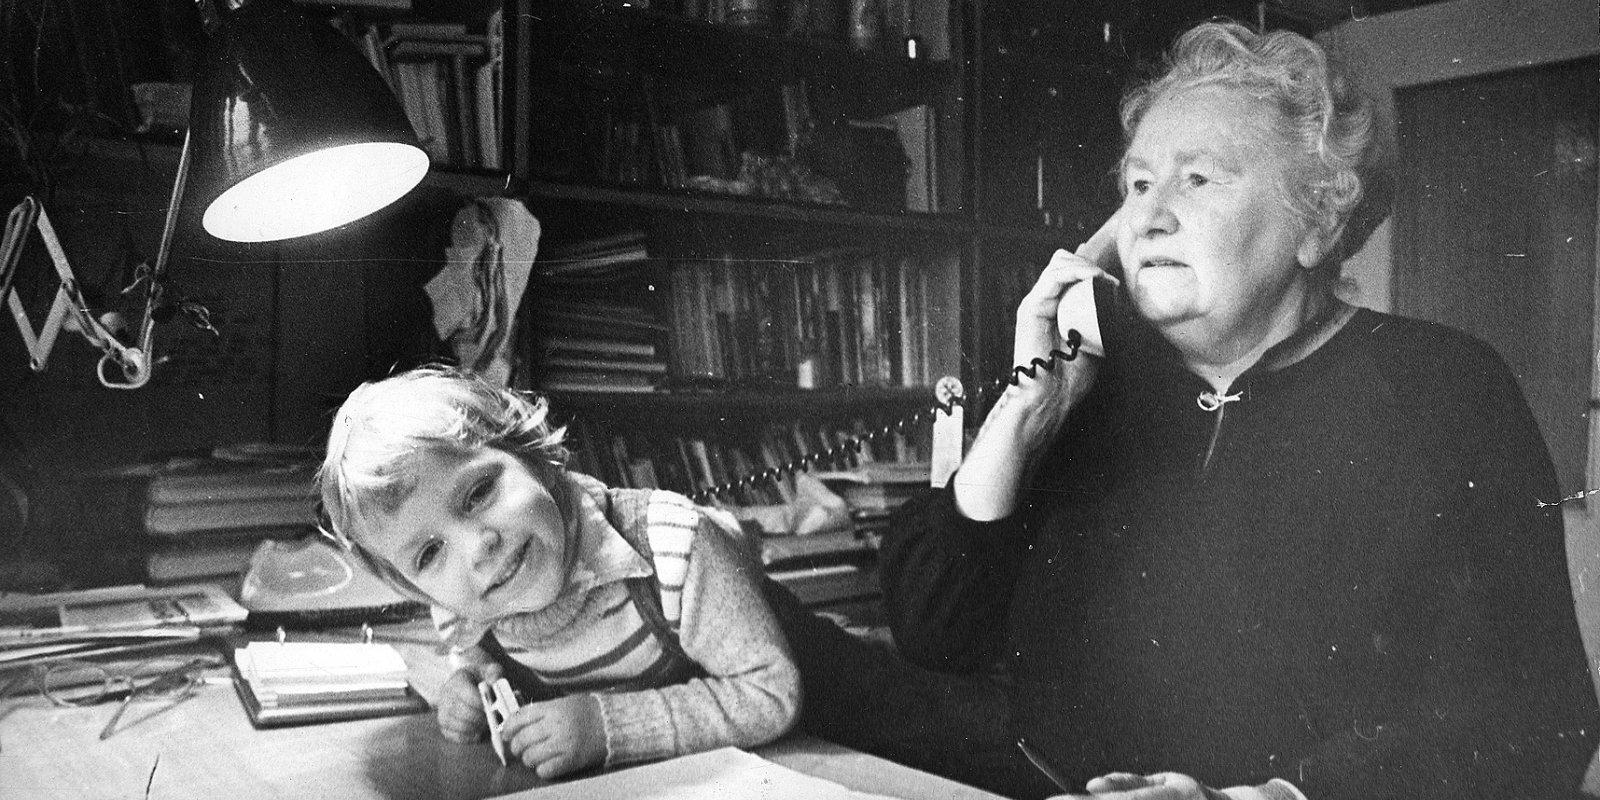 Viņu lasīja un mīlēja miljoniem bērnu. Rakstniecei Zentai Ērglei – 100